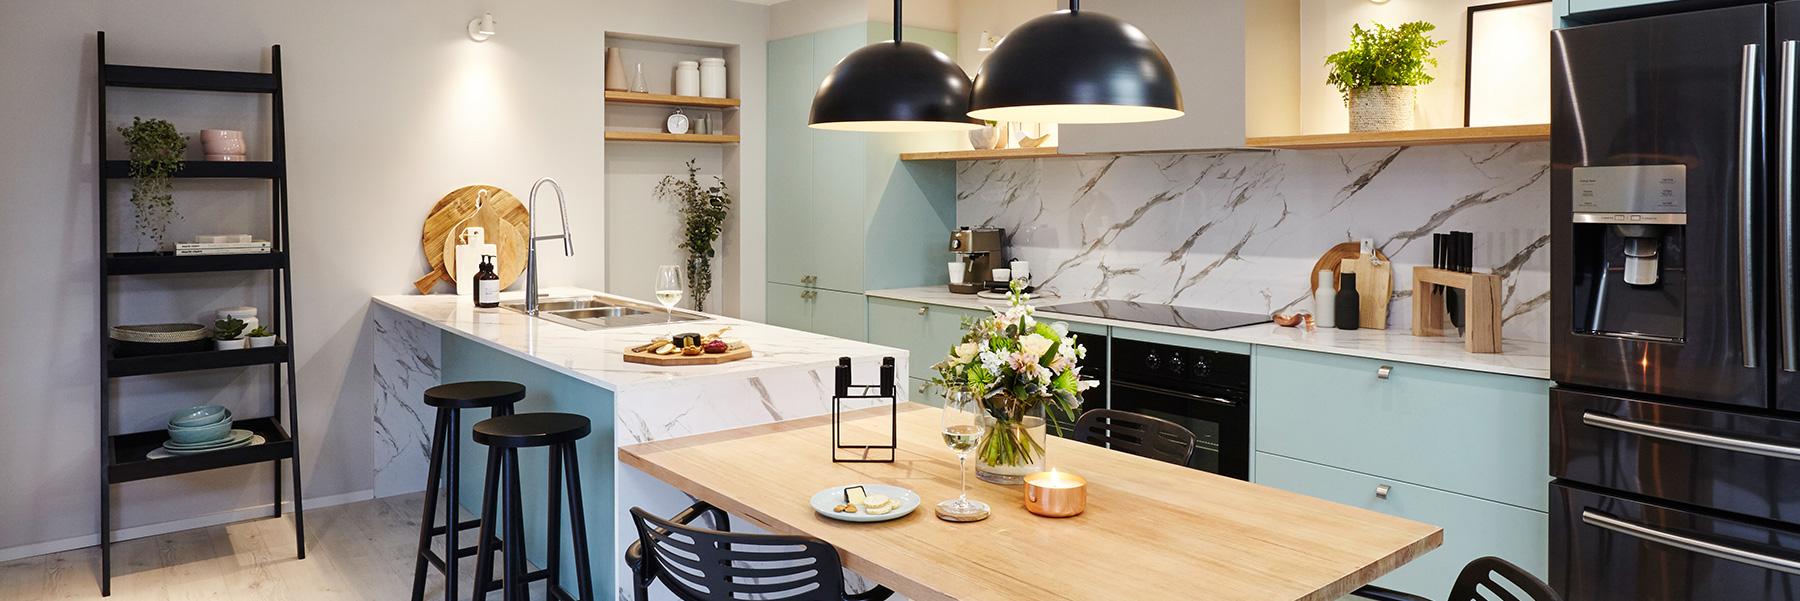 ایده های جذاب برای روشنایی آشپزخانه